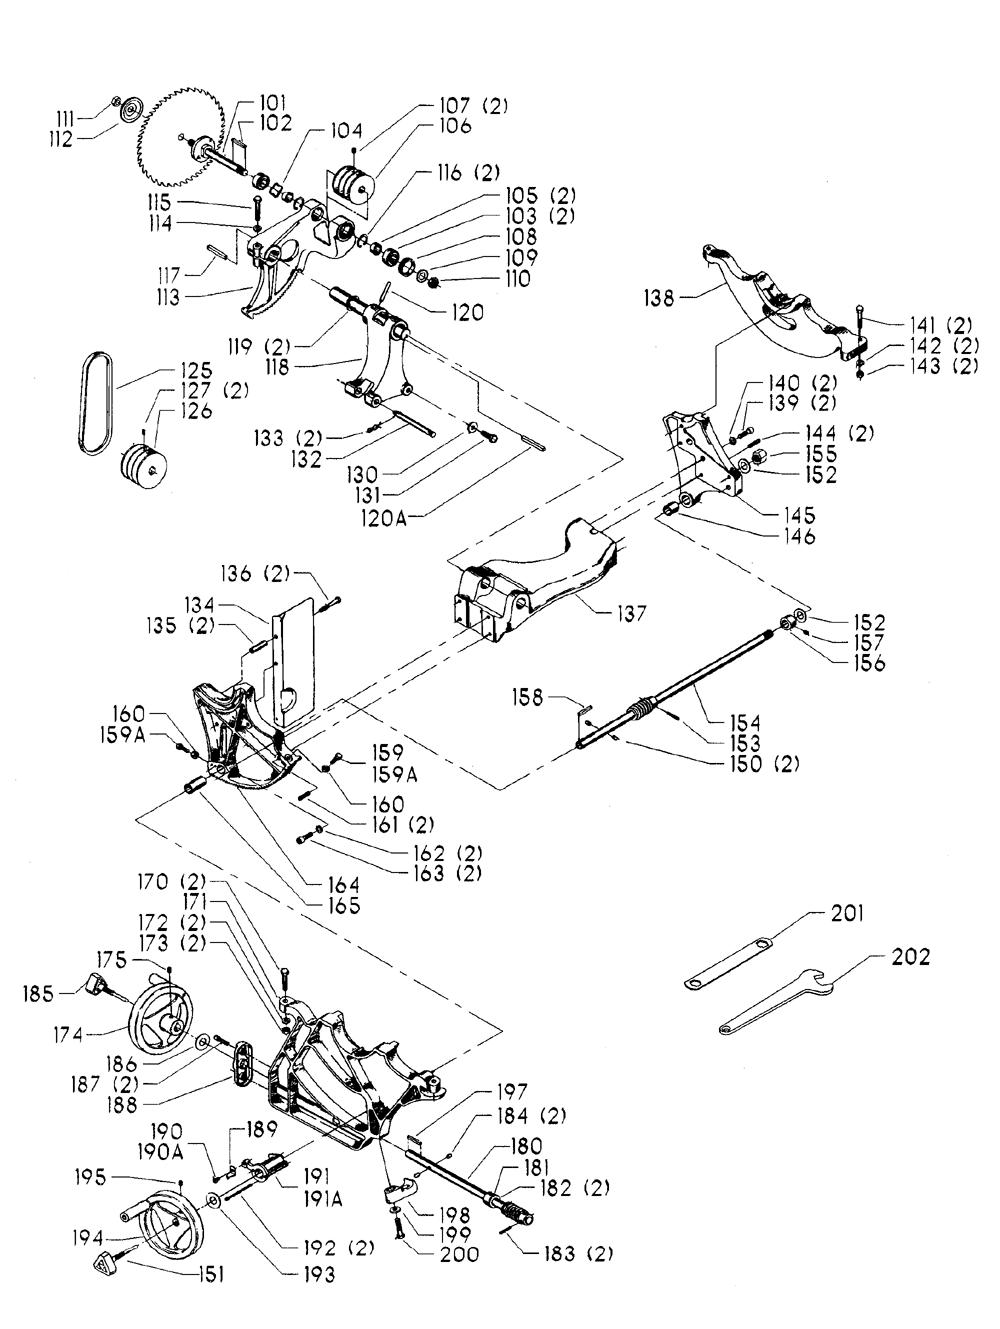 34-814-Delta-T1-PB-1Break Down